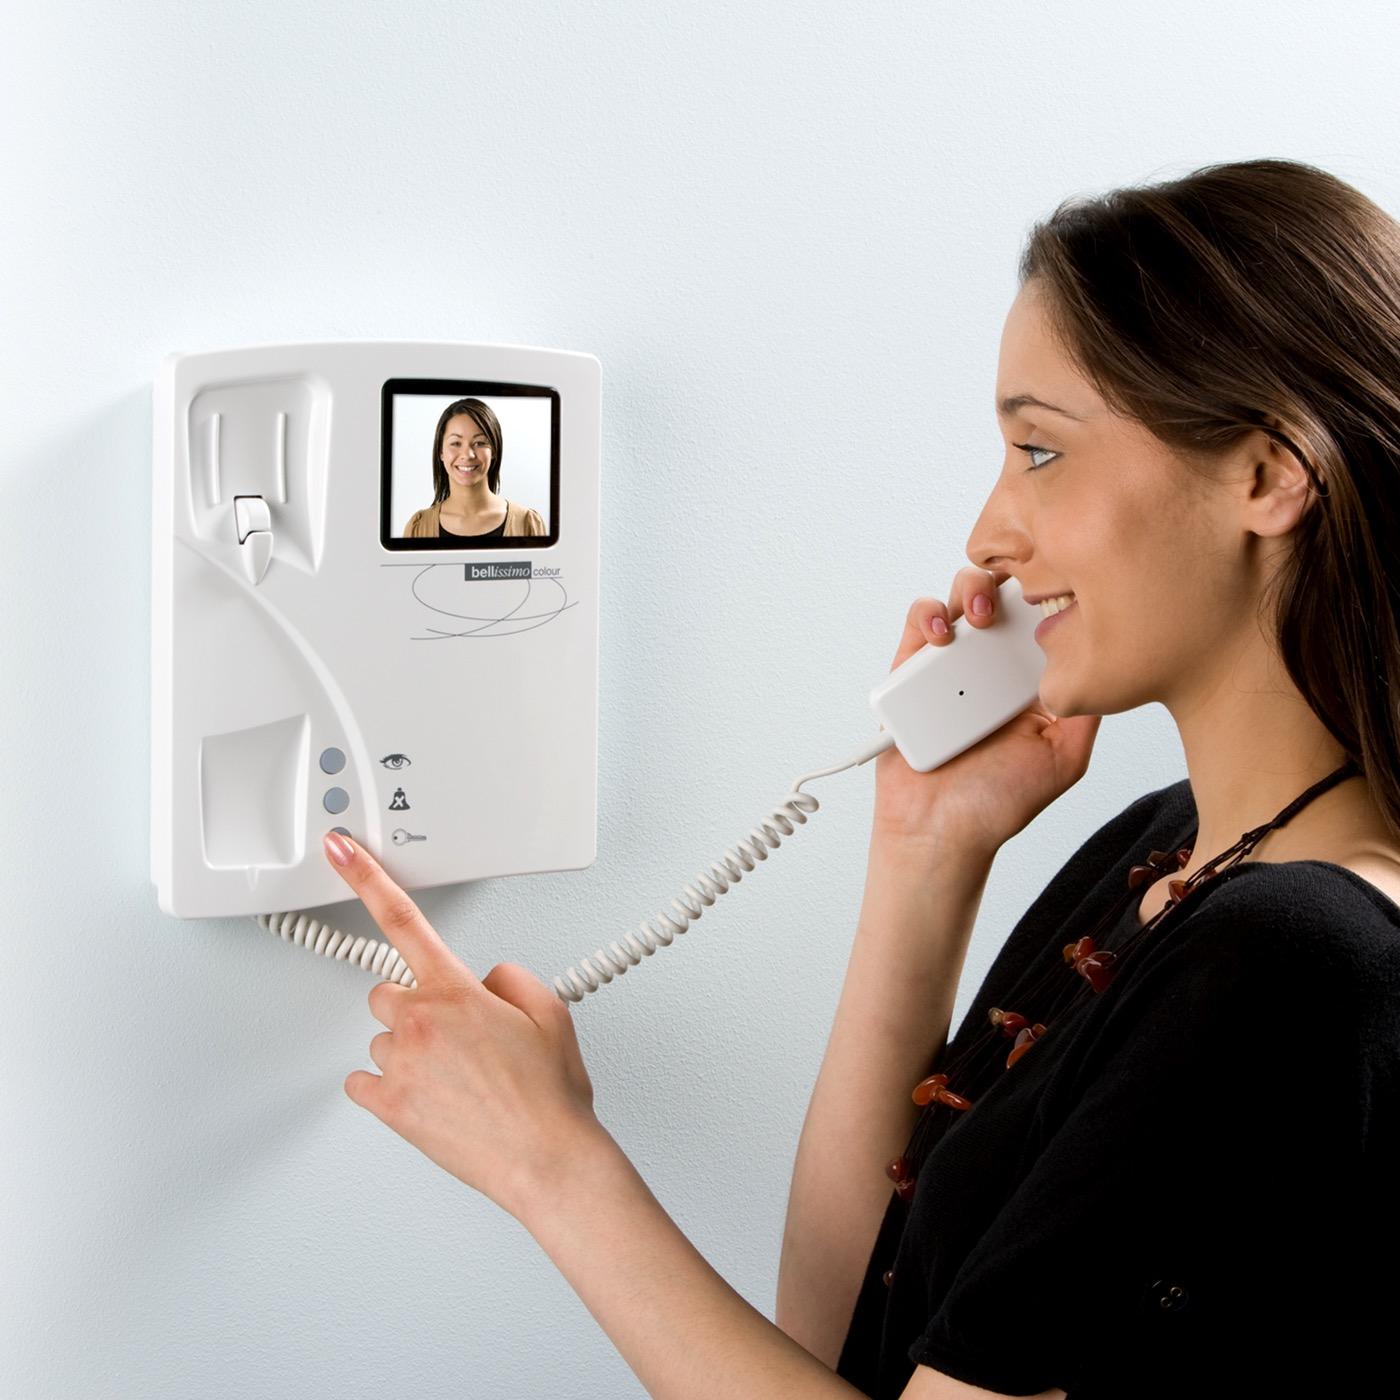 Bell Systems - Bellissimo Video Telephone - JMDA Design